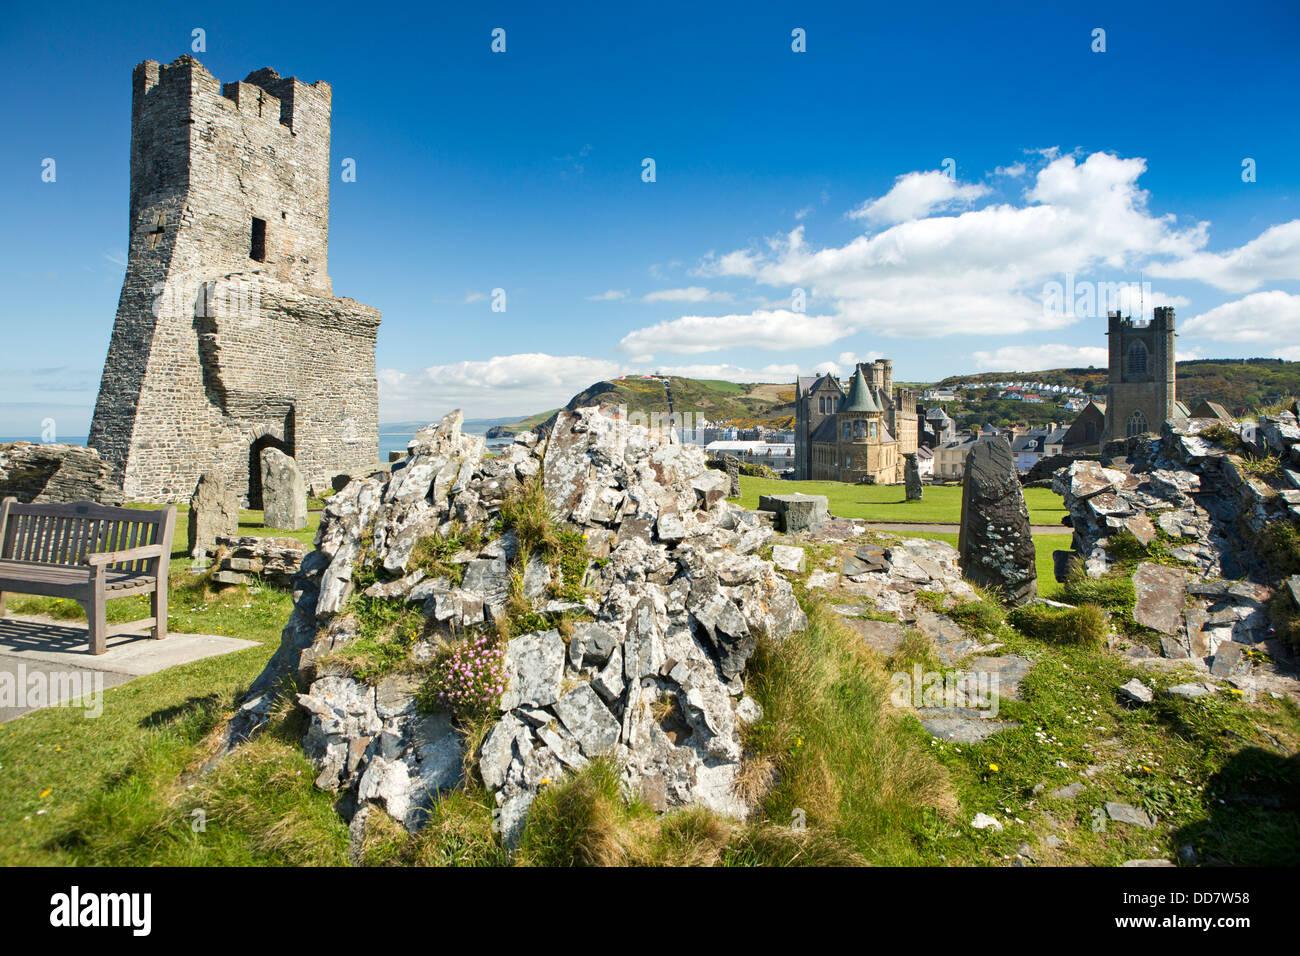 UK, Wales, Ceredigion, Aberystwyth, Castle ruins - Stock Image